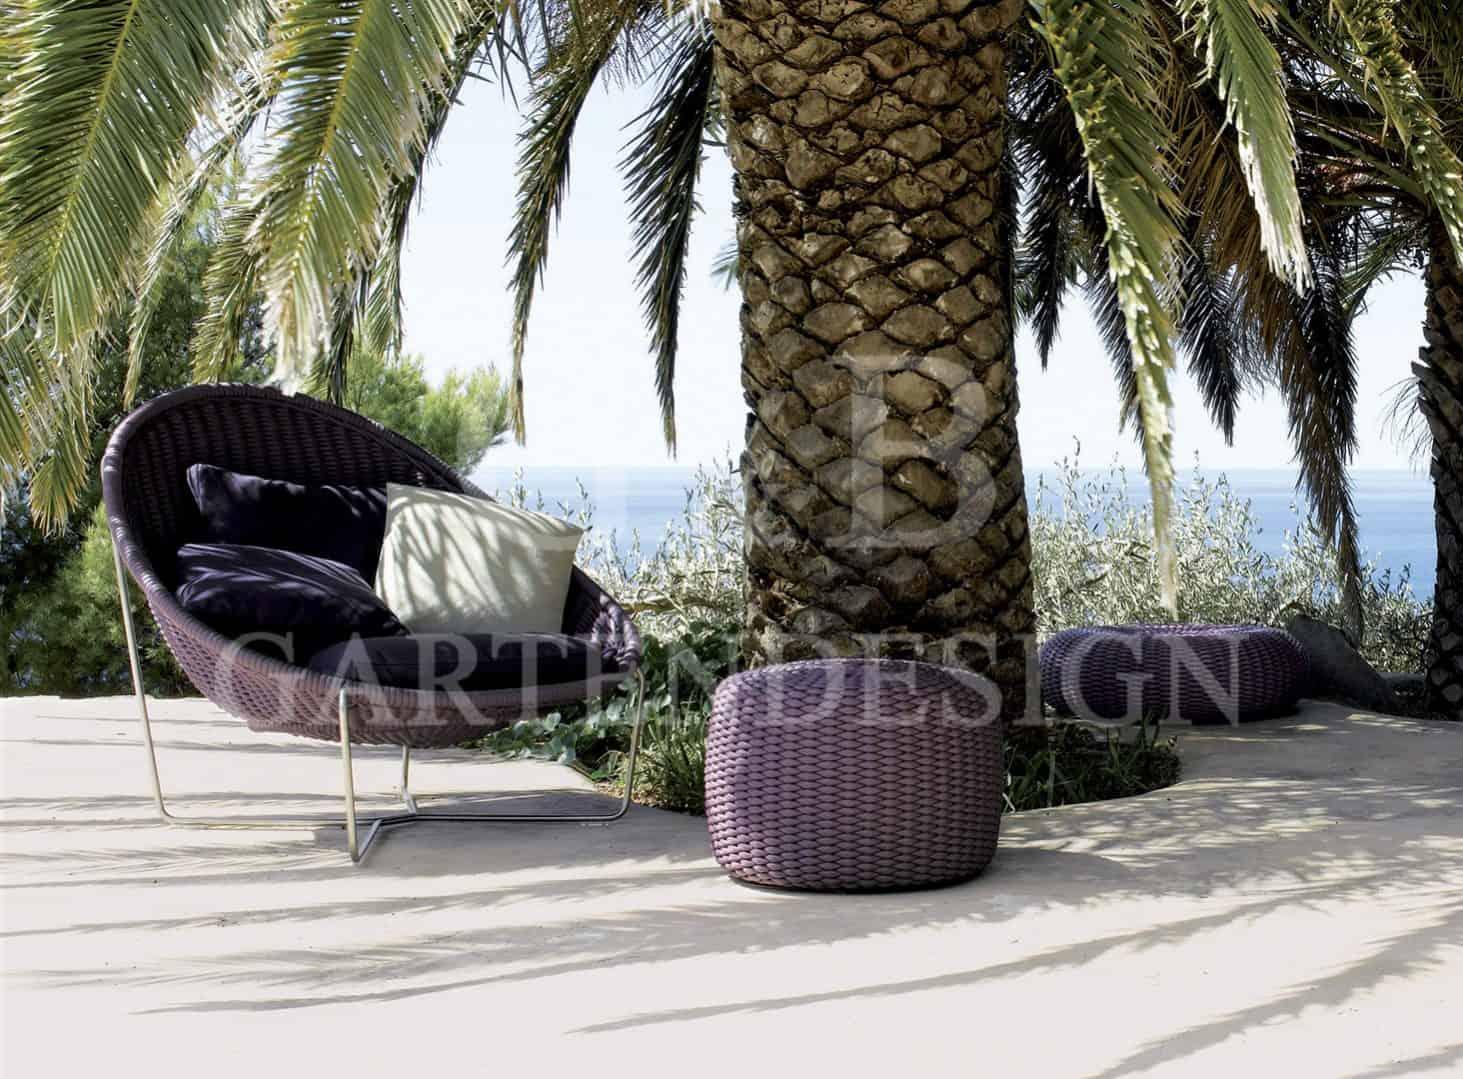 gartenm bel design berlin kollektion ideen garten design. Black Bedroom Furniture Sets. Home Design Ideas